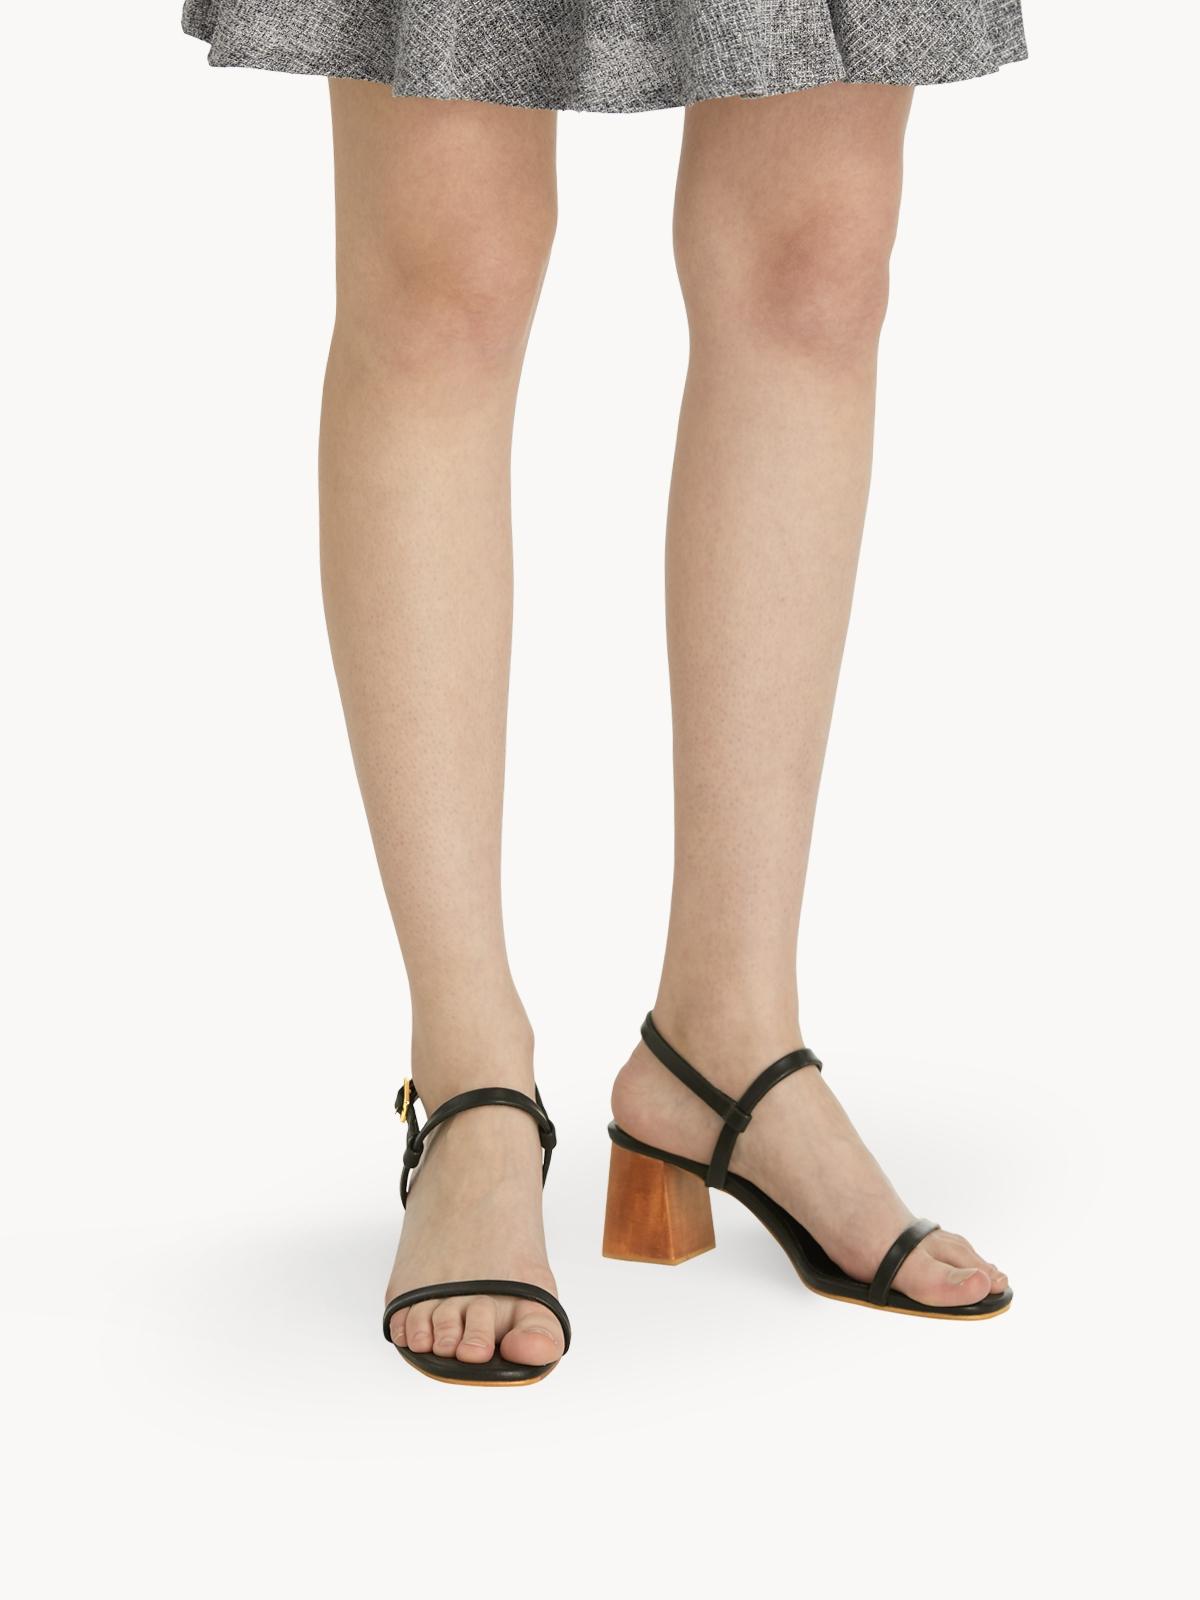 Plush Studios Kara Block Sandals Black